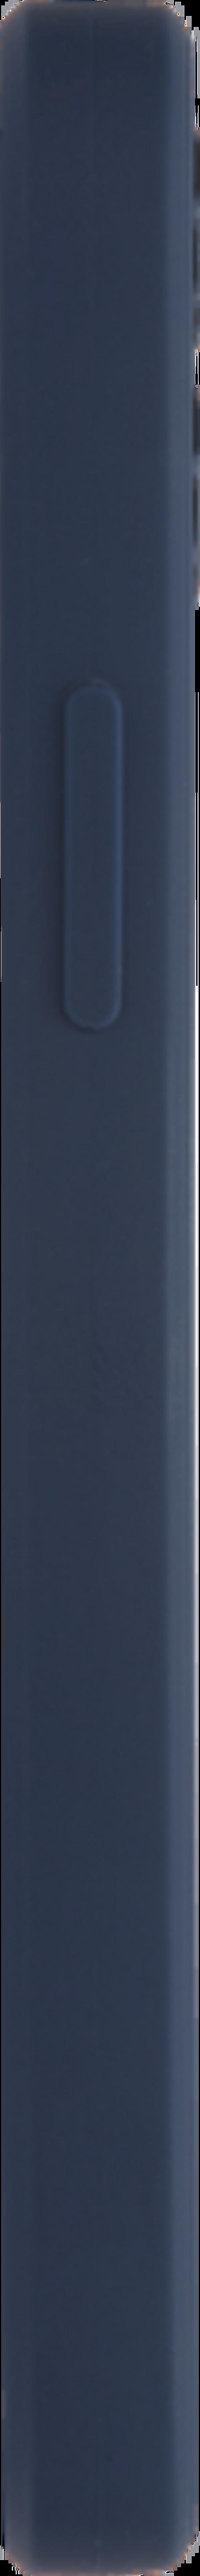 43416 - Side